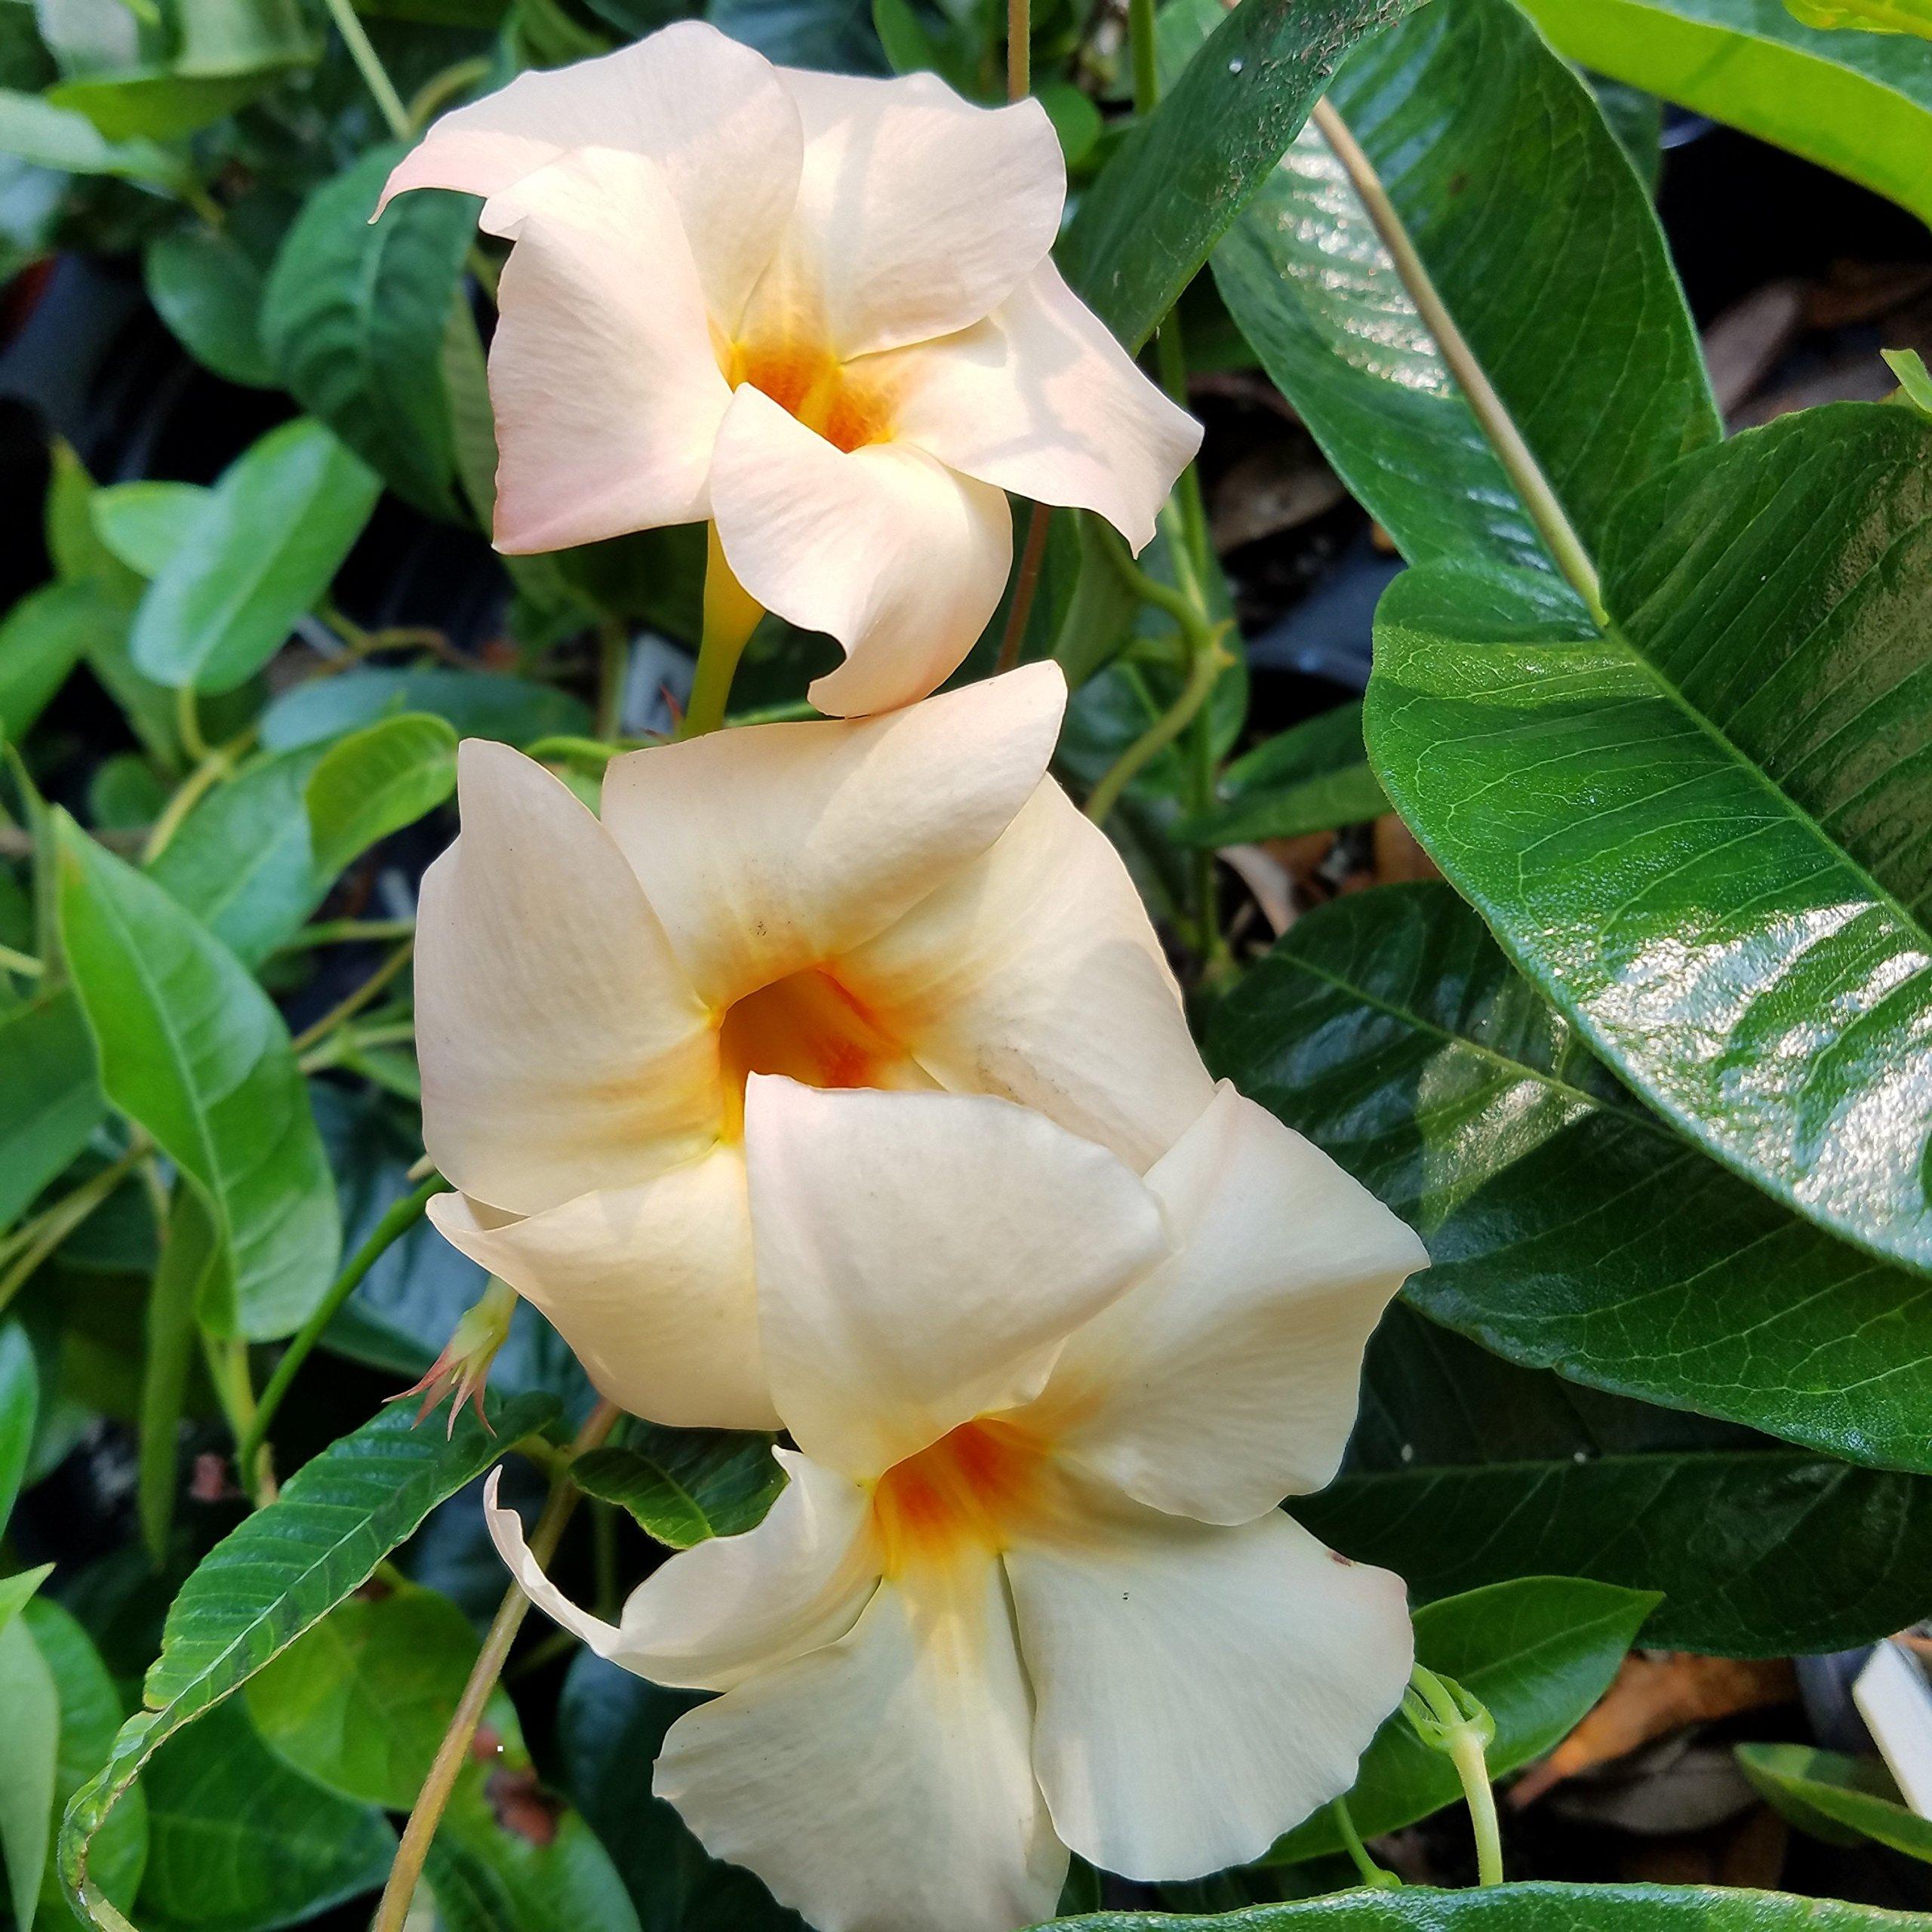 Sandys Nursery Online Mandevilla Apricot ~Lot of 2 ~ Starter Plants by Sandys Nursery Online (Image #1)